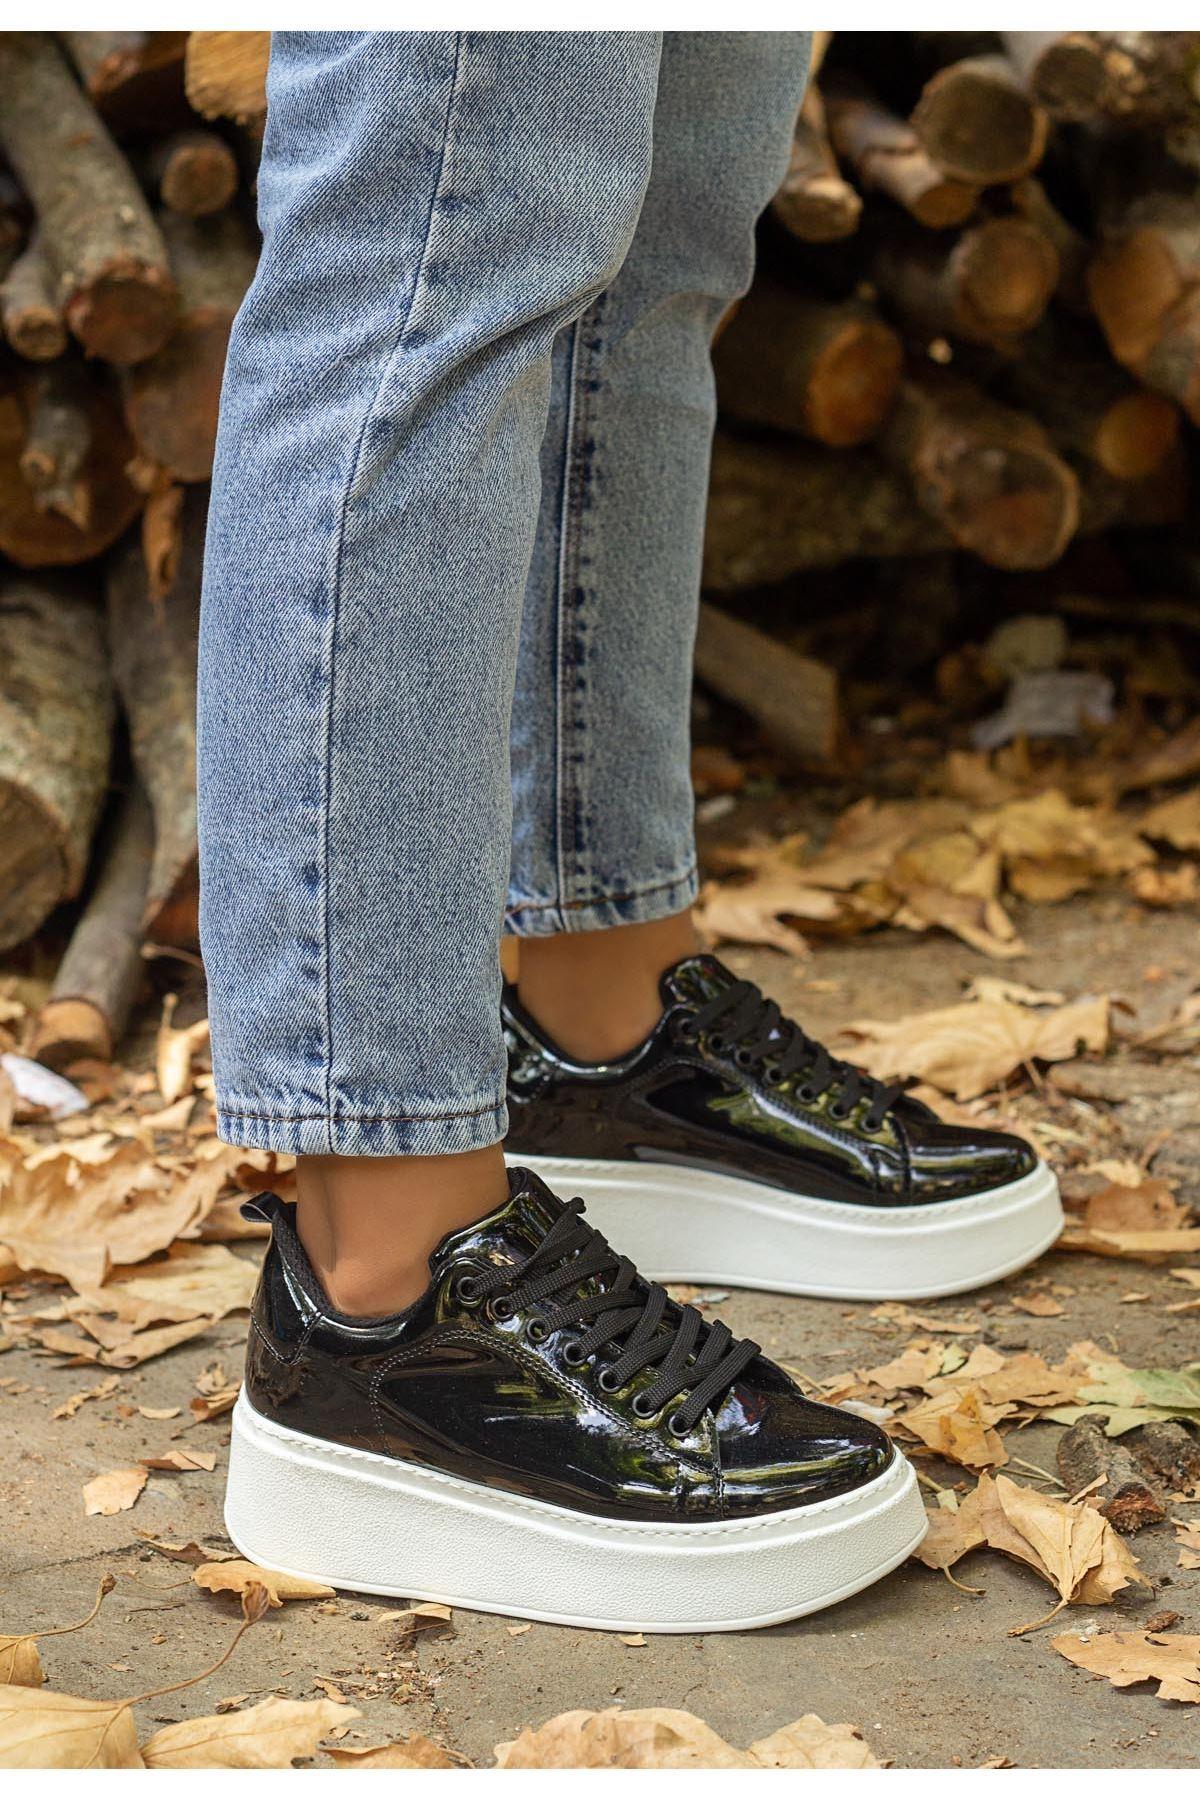 Cersy Siyah Rugan Beyaz Tabanlı Spor Ayakkabı